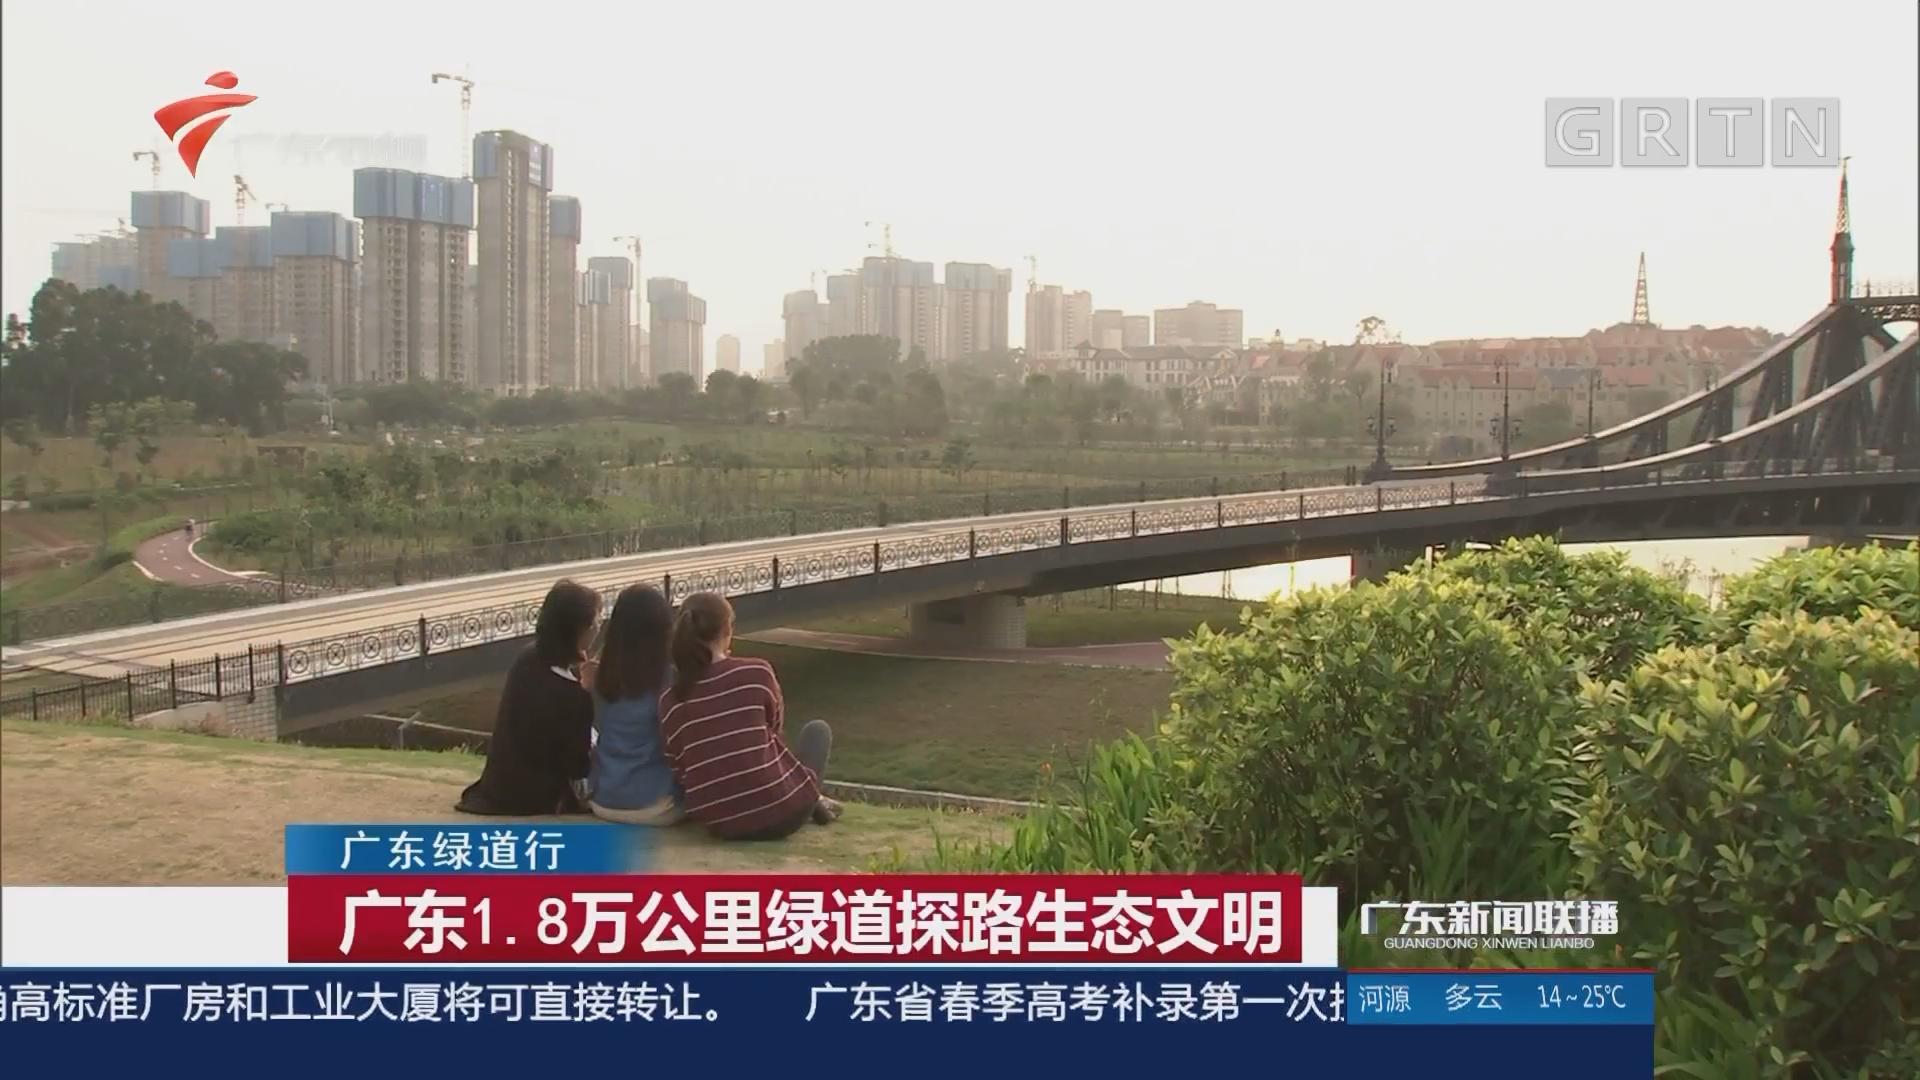 广东1.8万公里绿道探路生态文明